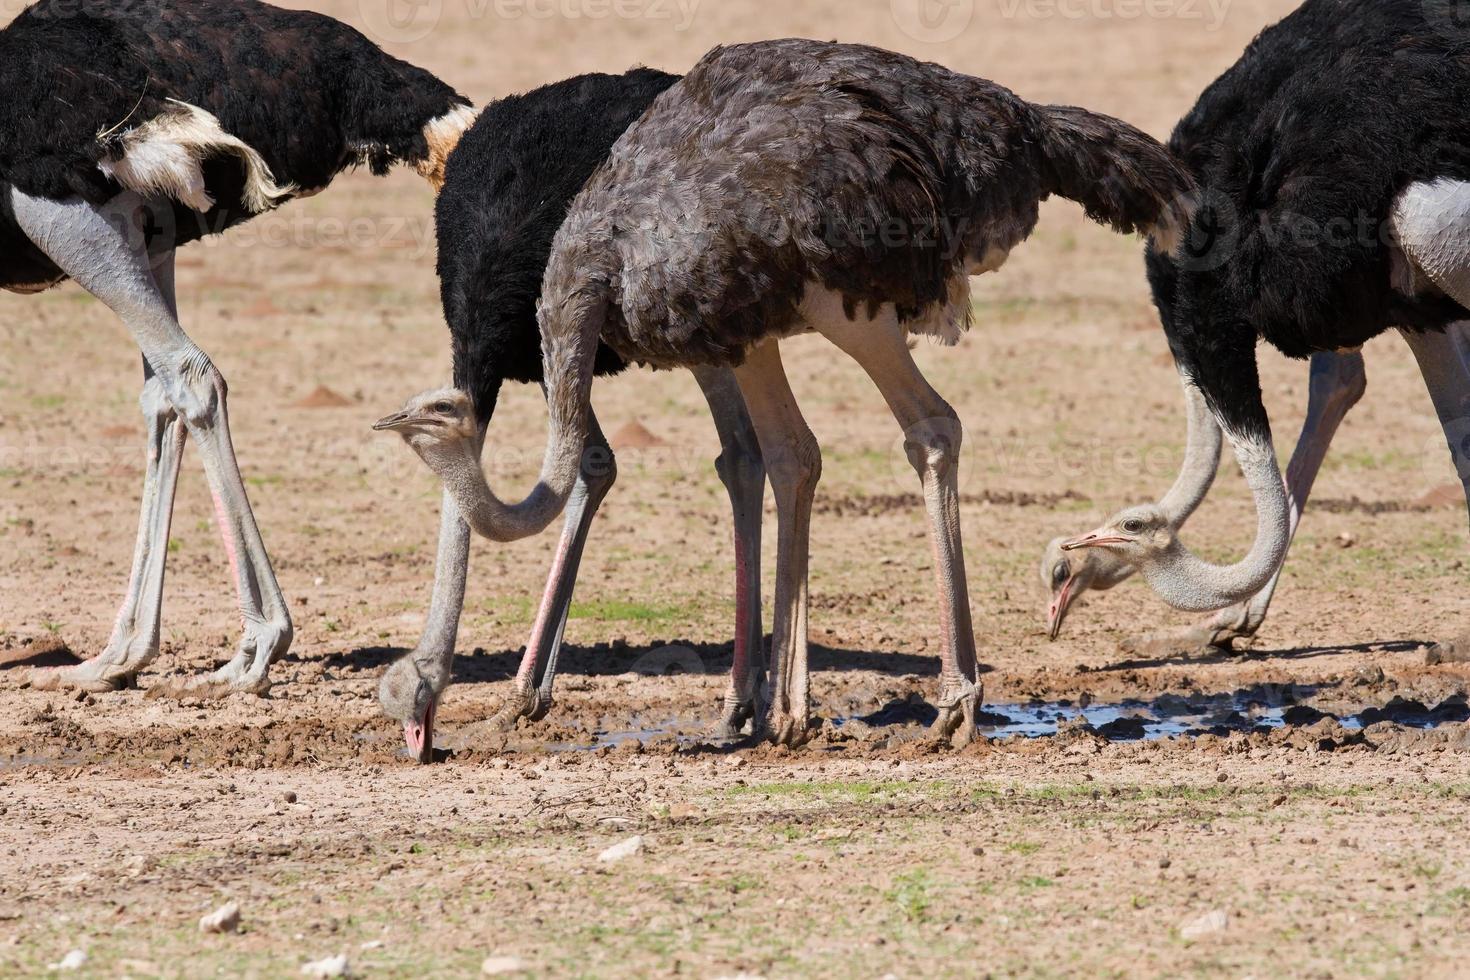 gruppo di struzzi in una pozza d'acqua nel deserto secco foto